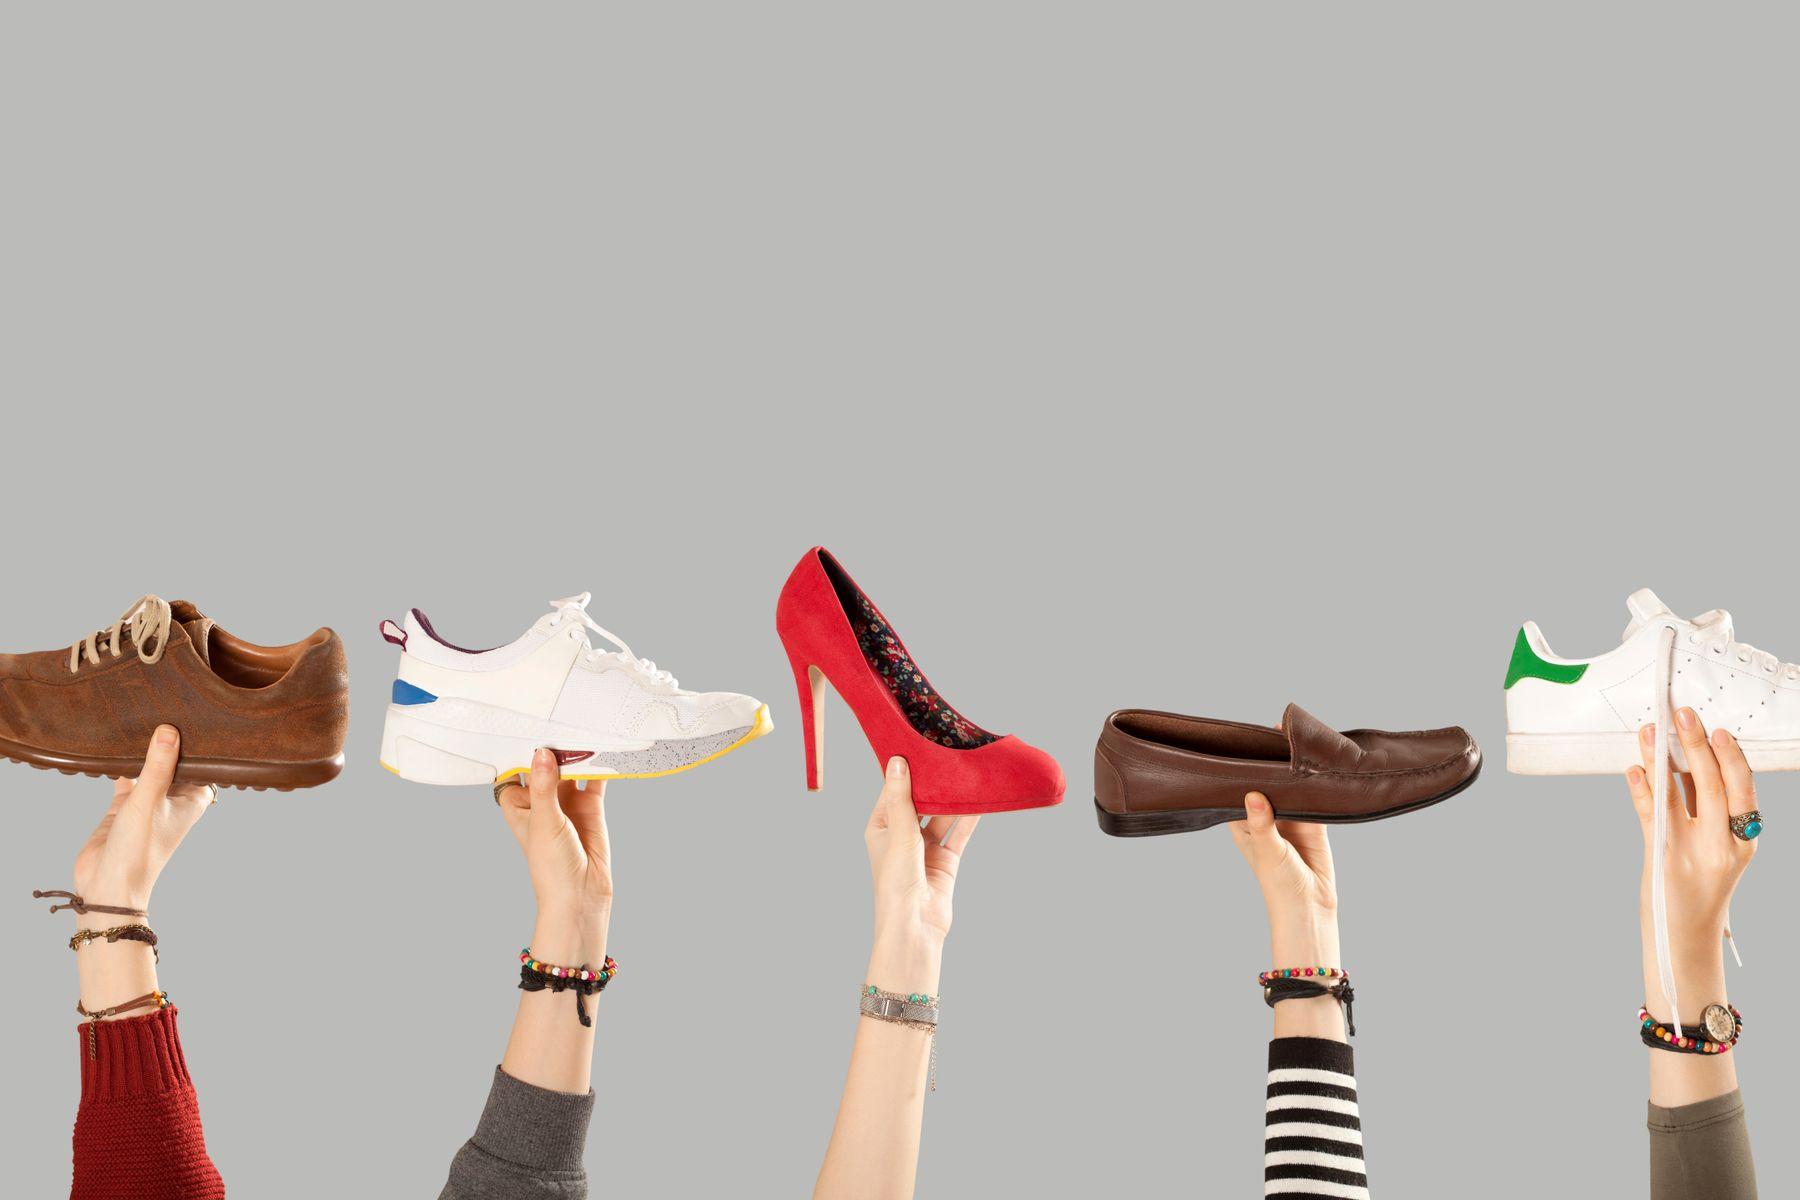 Tác hại của việc mang giày quá chật